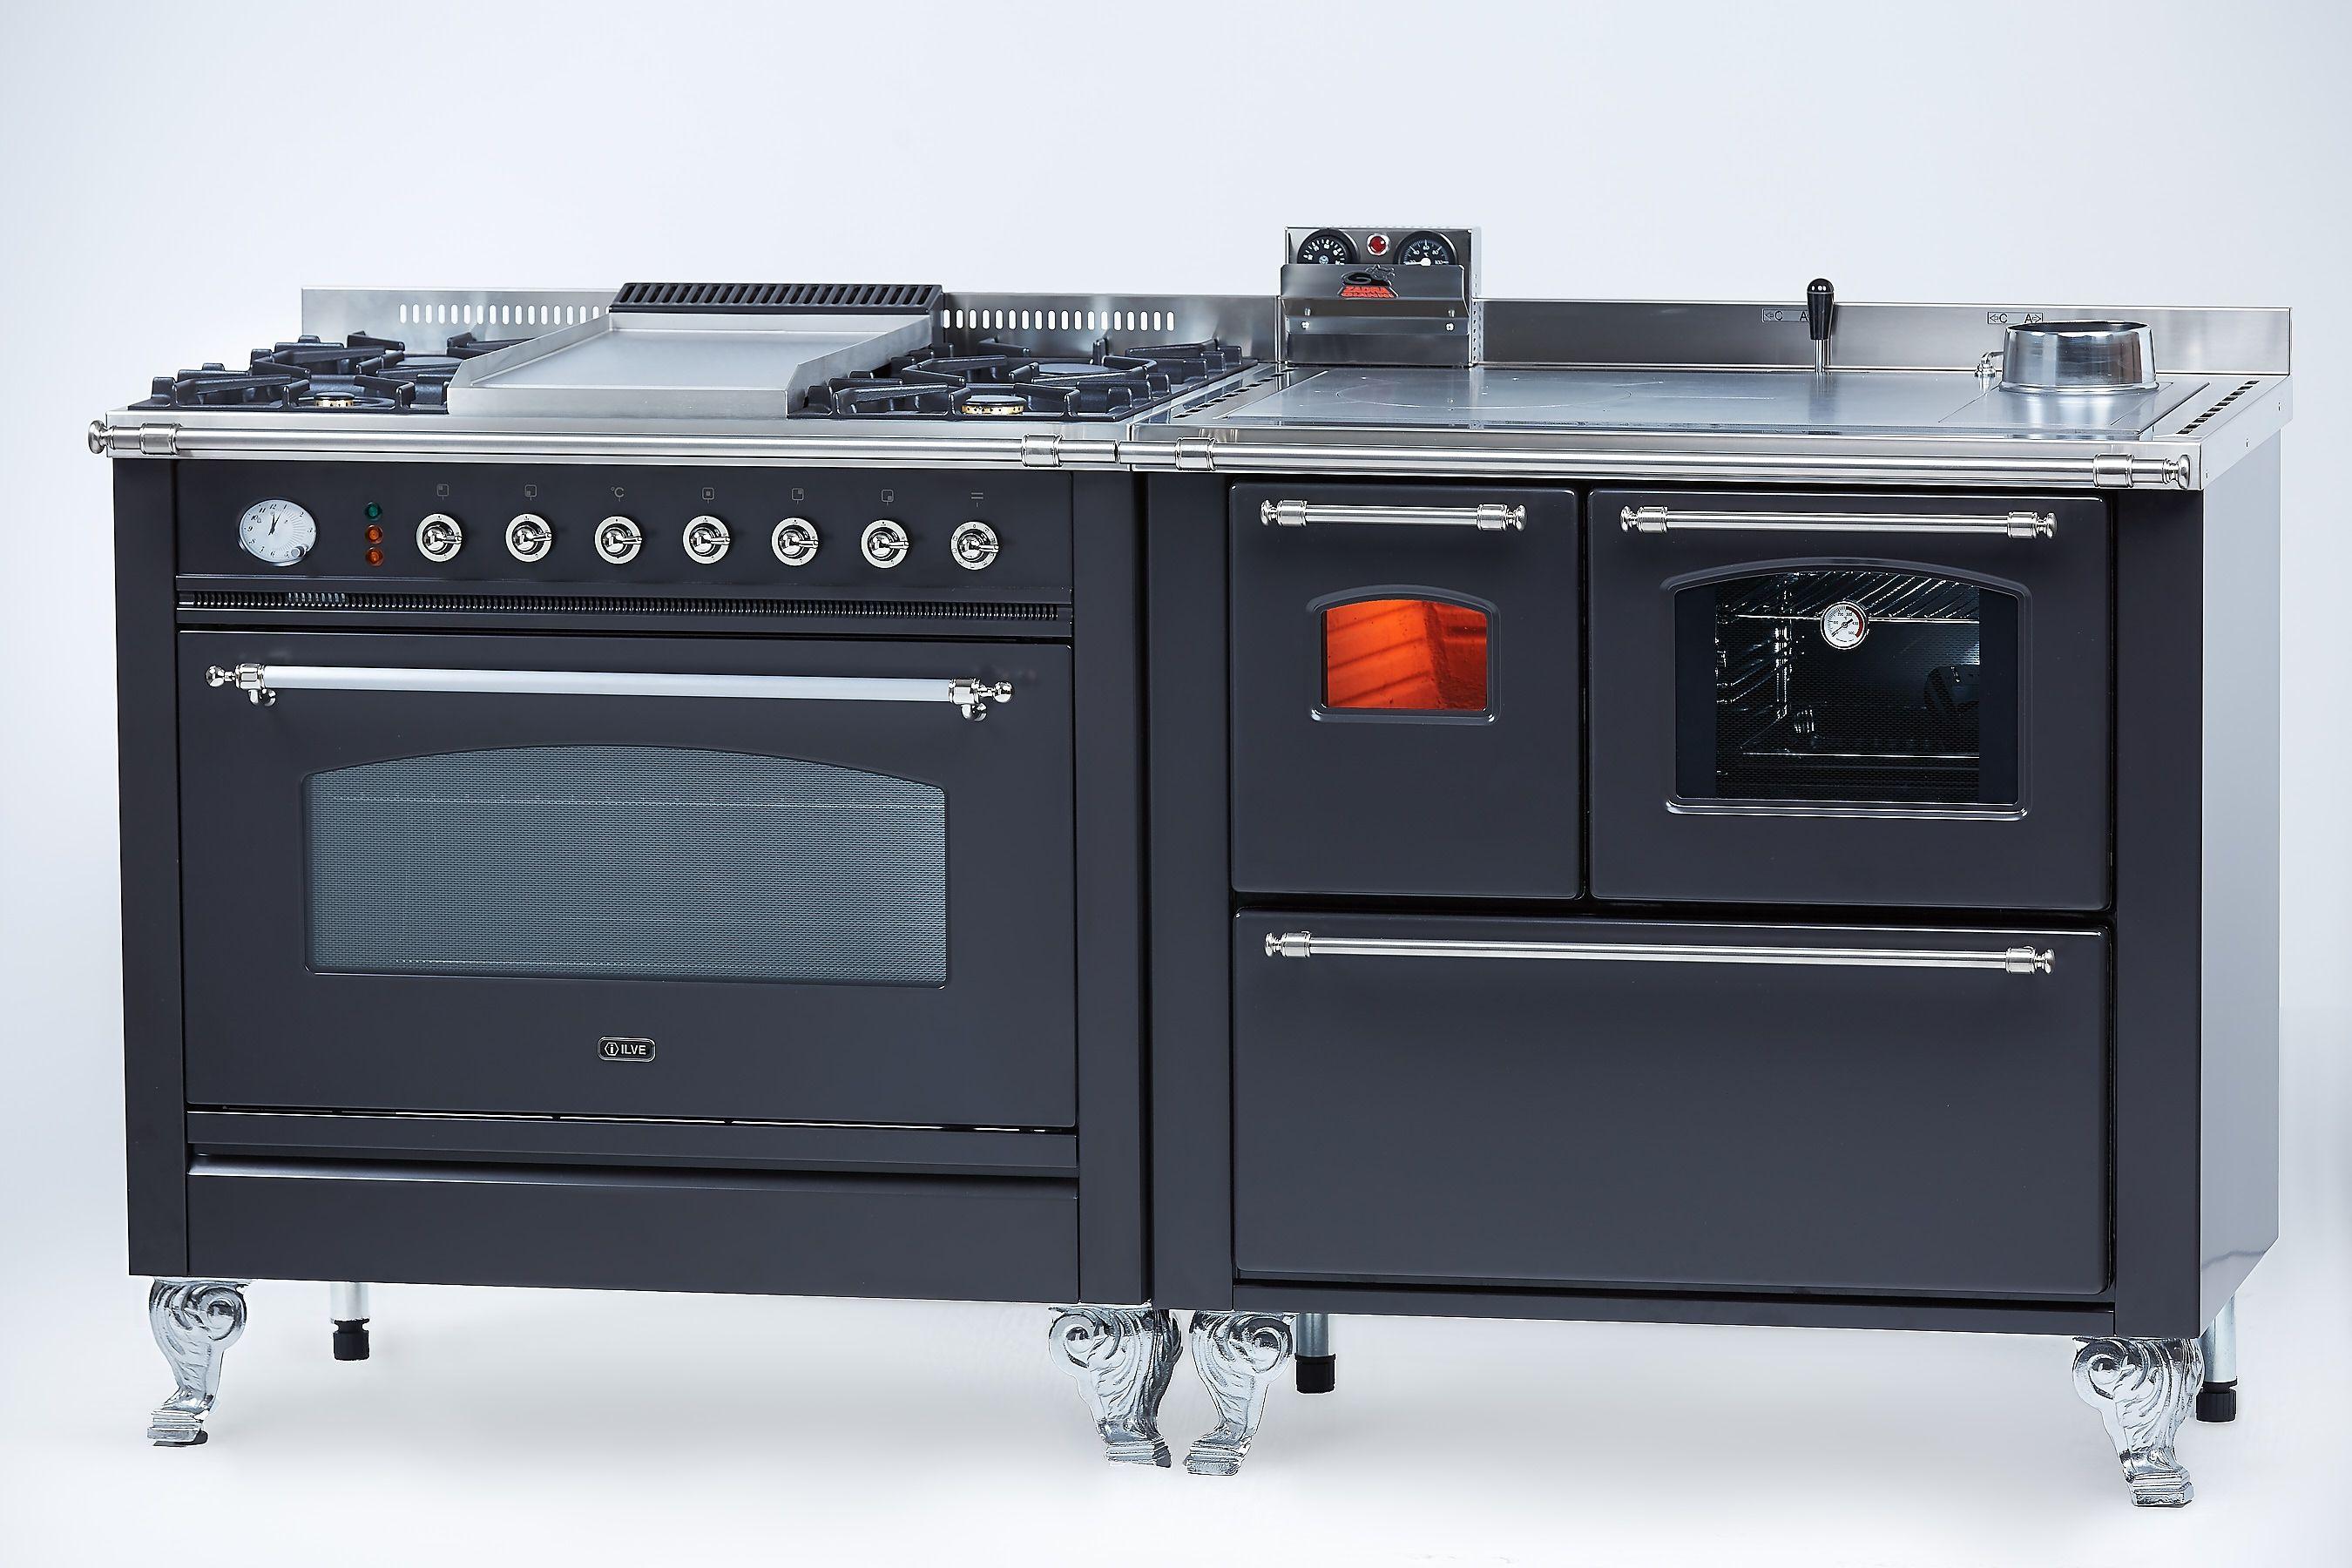 Cucina a legna abbinata alla cucina a gas con forno for Cucine a legna usate